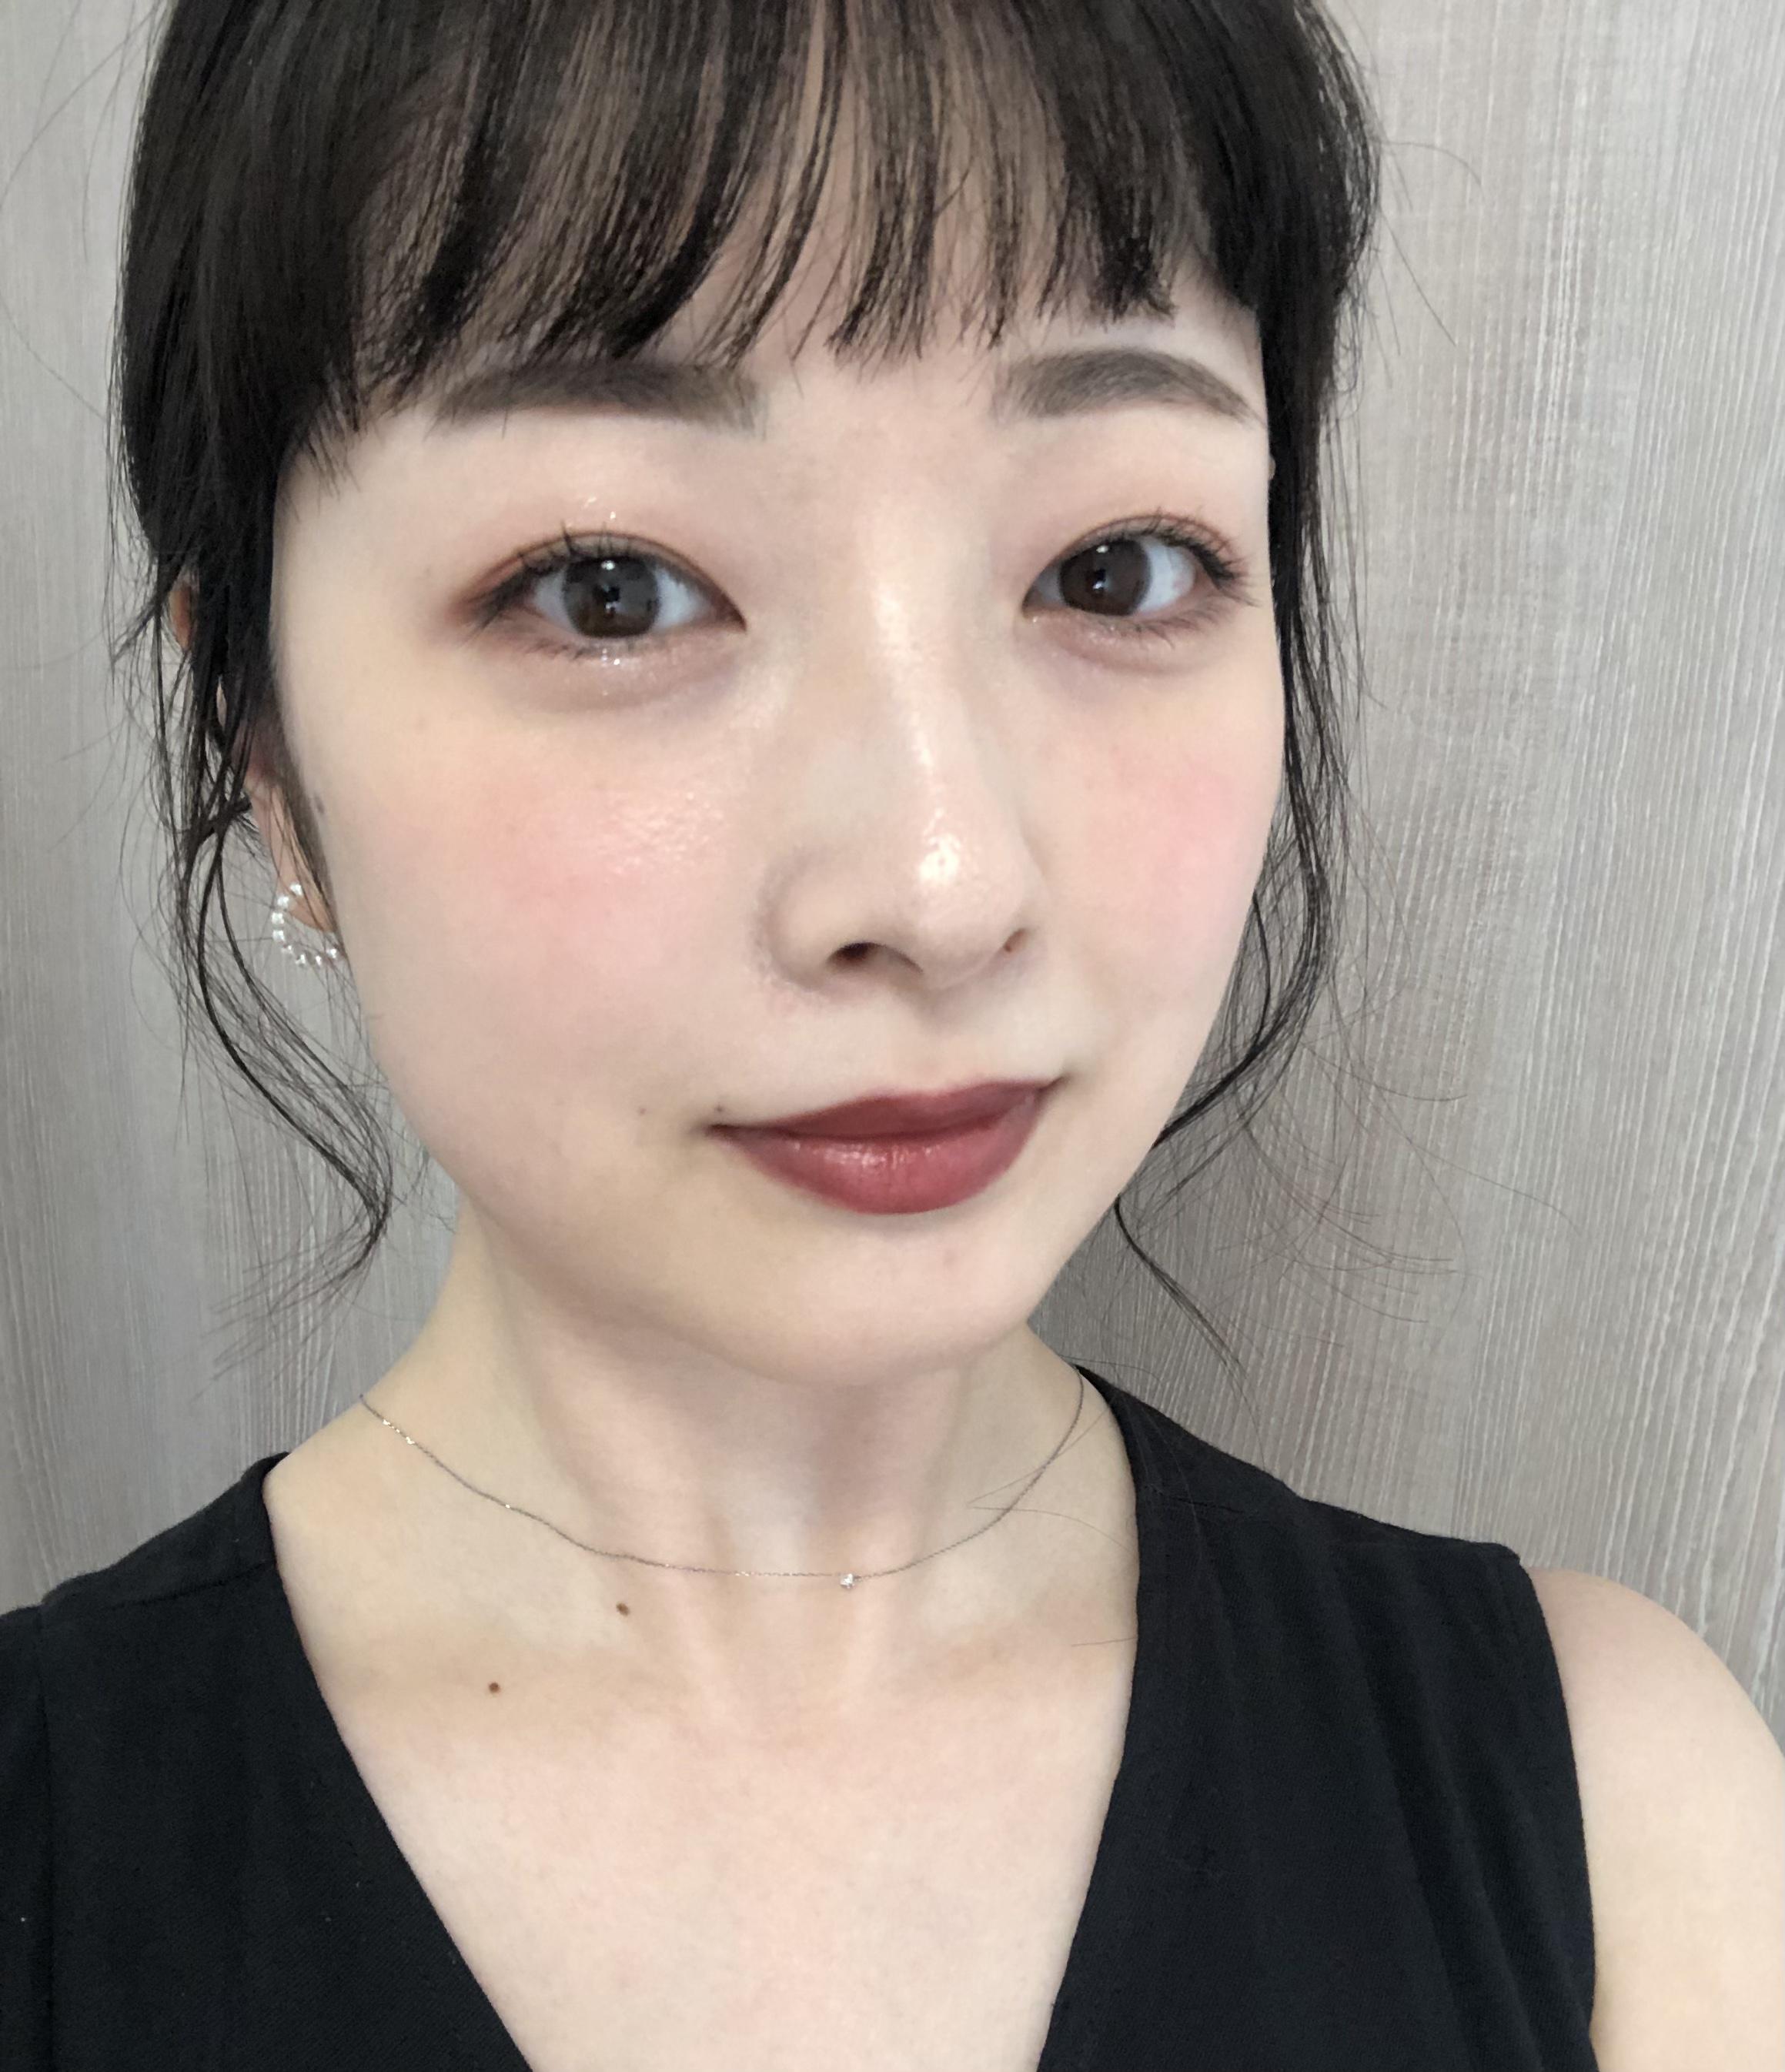 肌が白く見える♡夏も使える【ブラウンリップ】で女性らしい印象に!_2